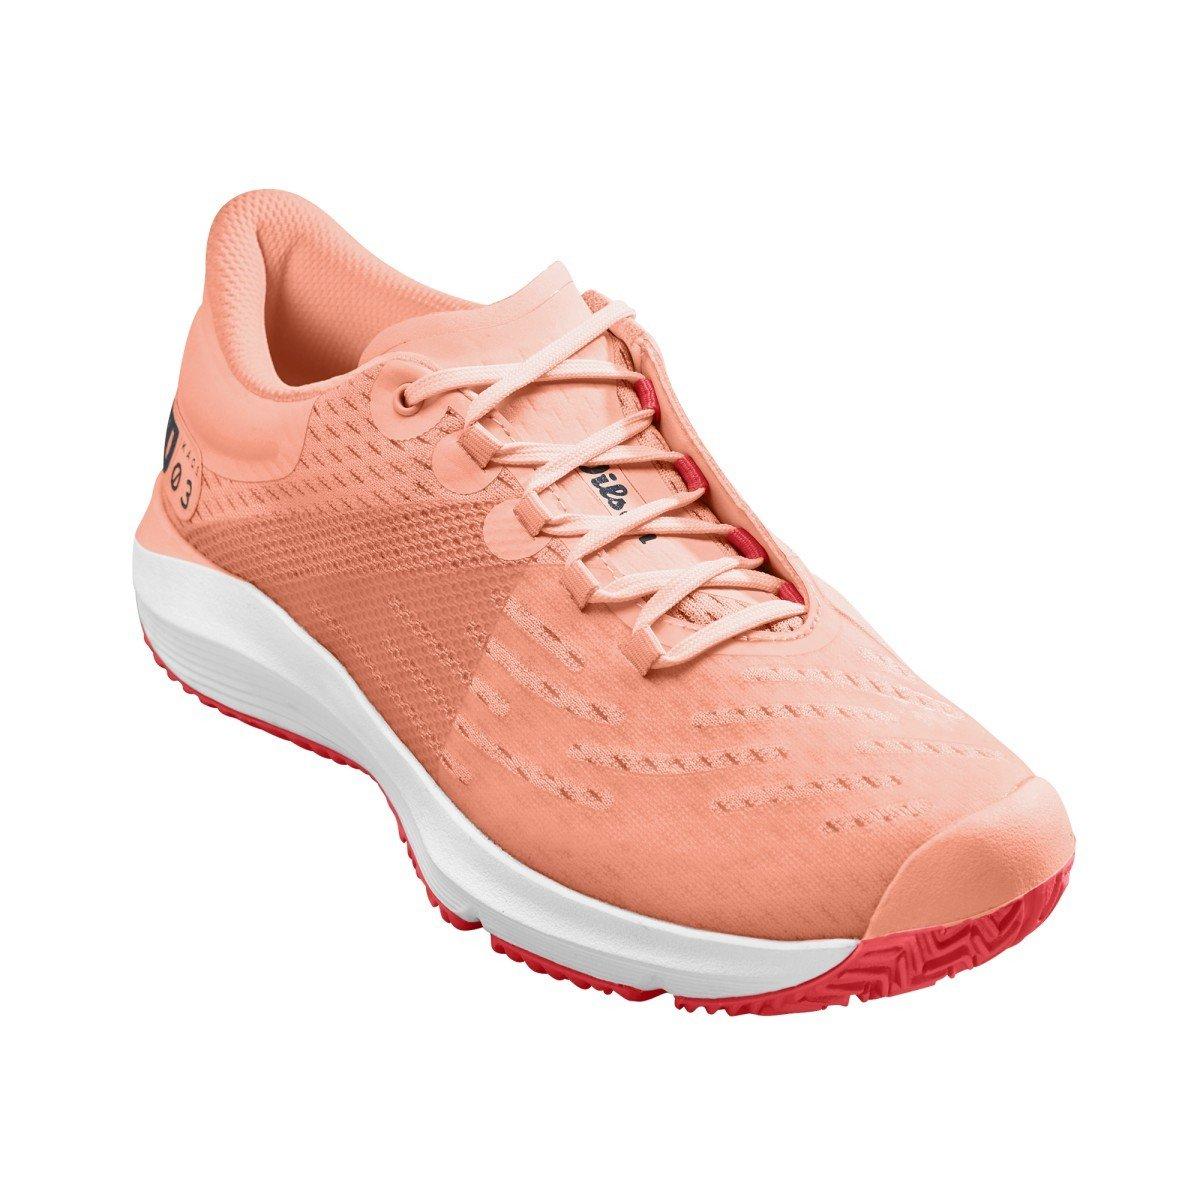 Wilson Tennis Shoes – Women's Kaos 3.0